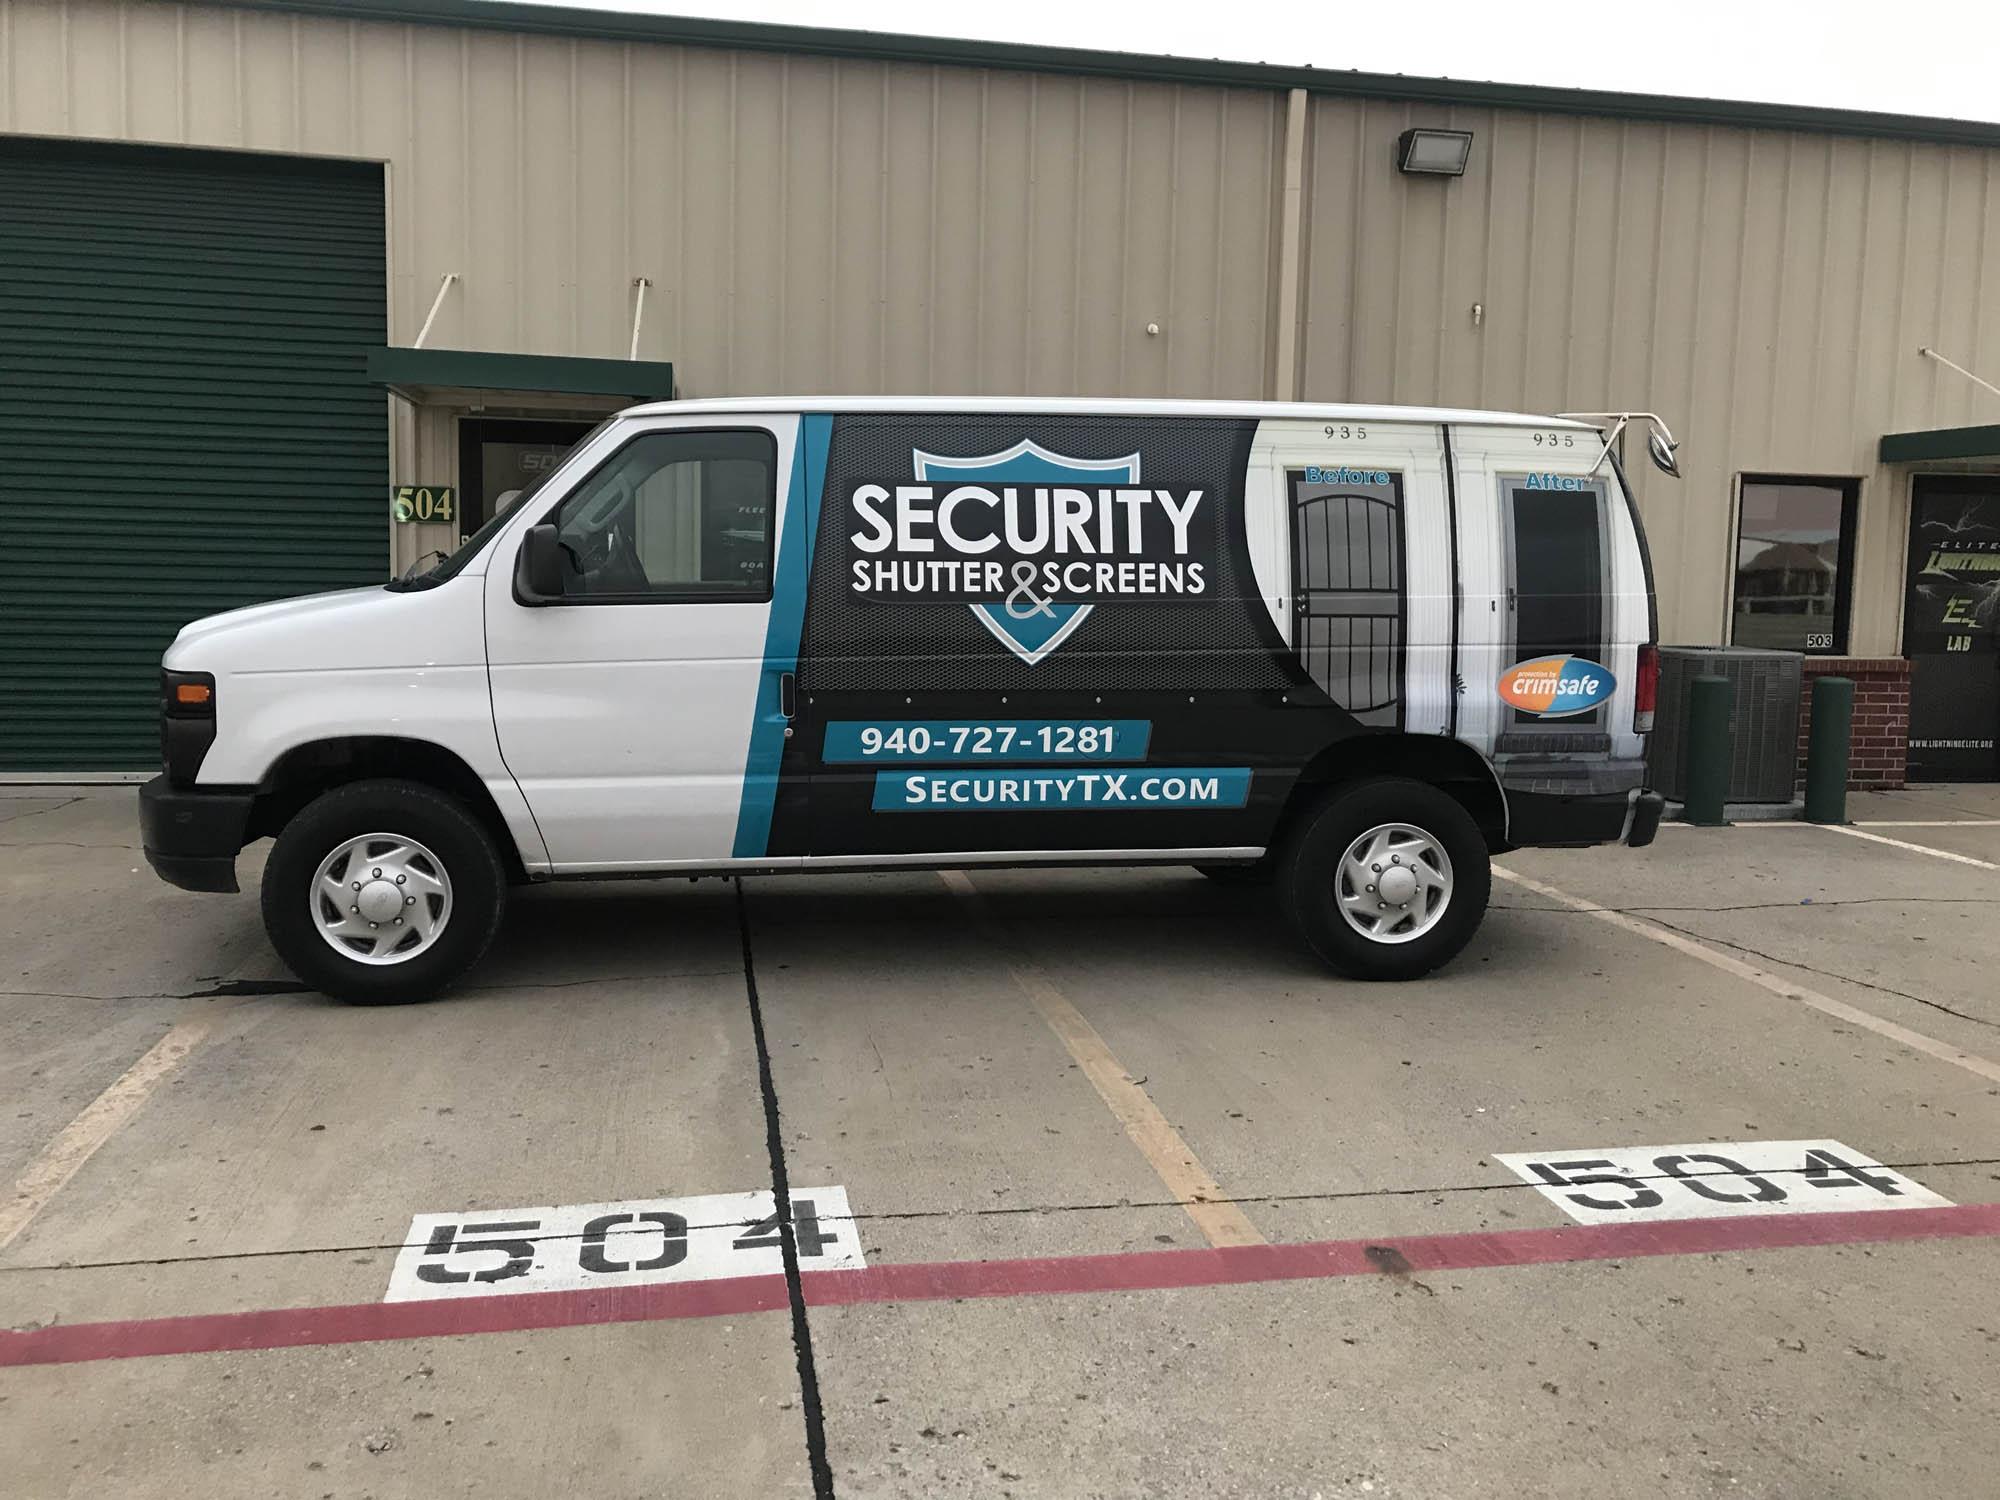 Security Screen & Shutter Van Wrap